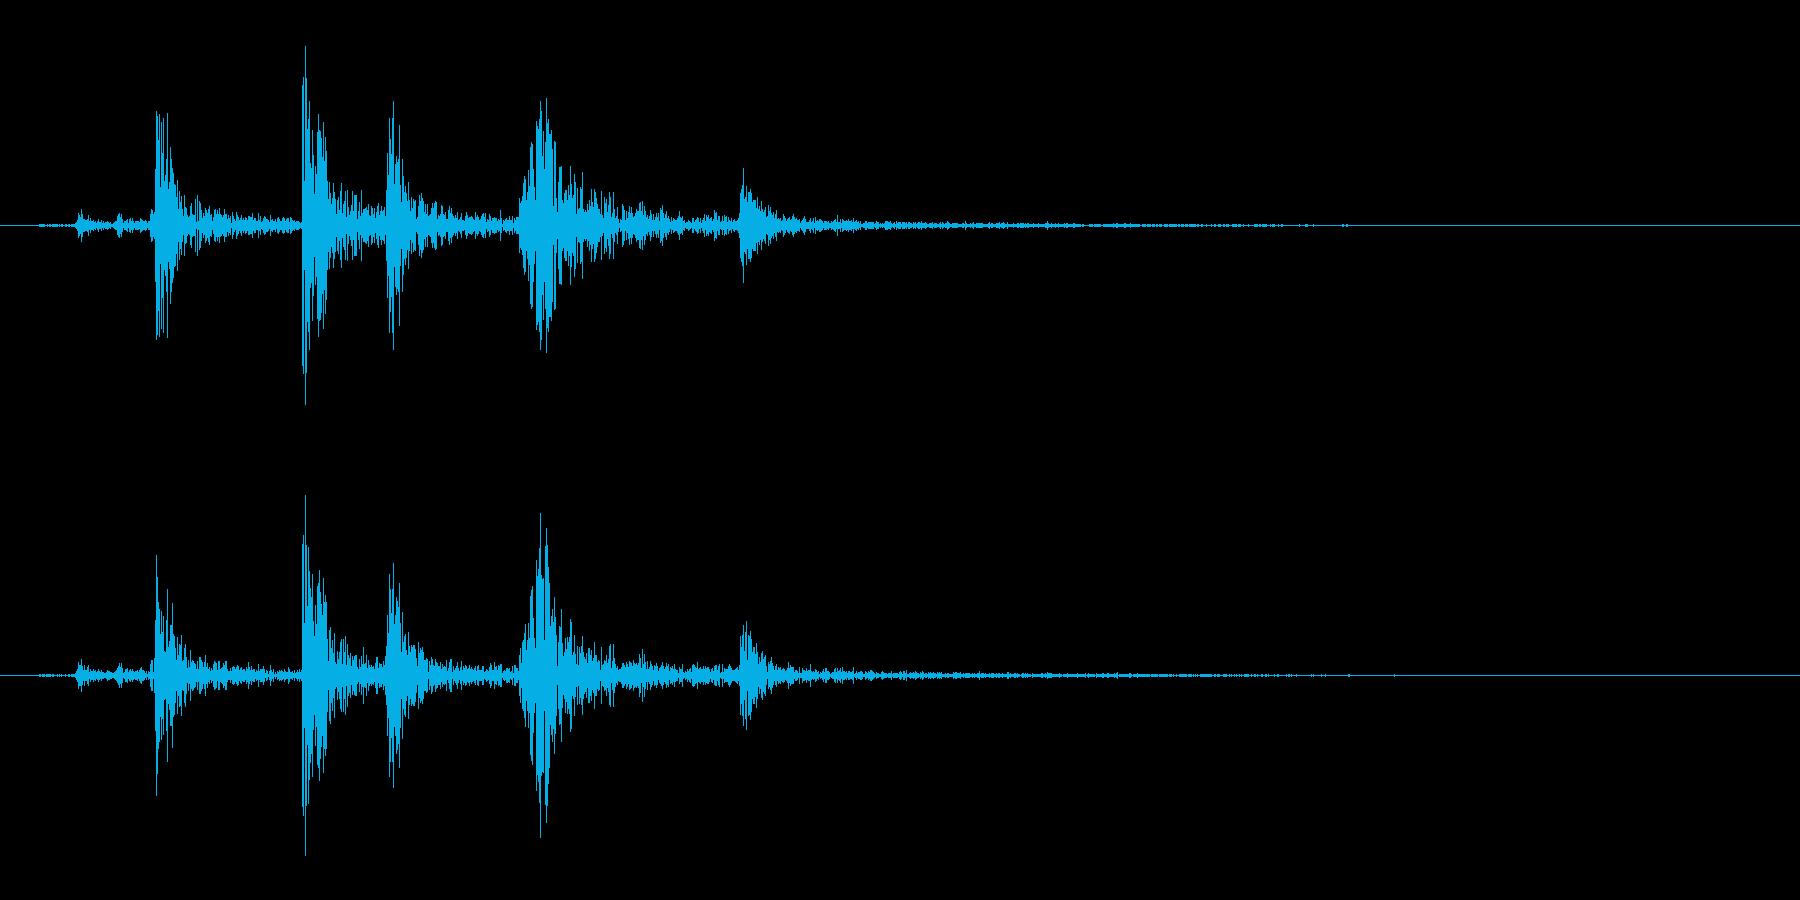 【生録音】パッケージ 開封音 12の再生済みの波形